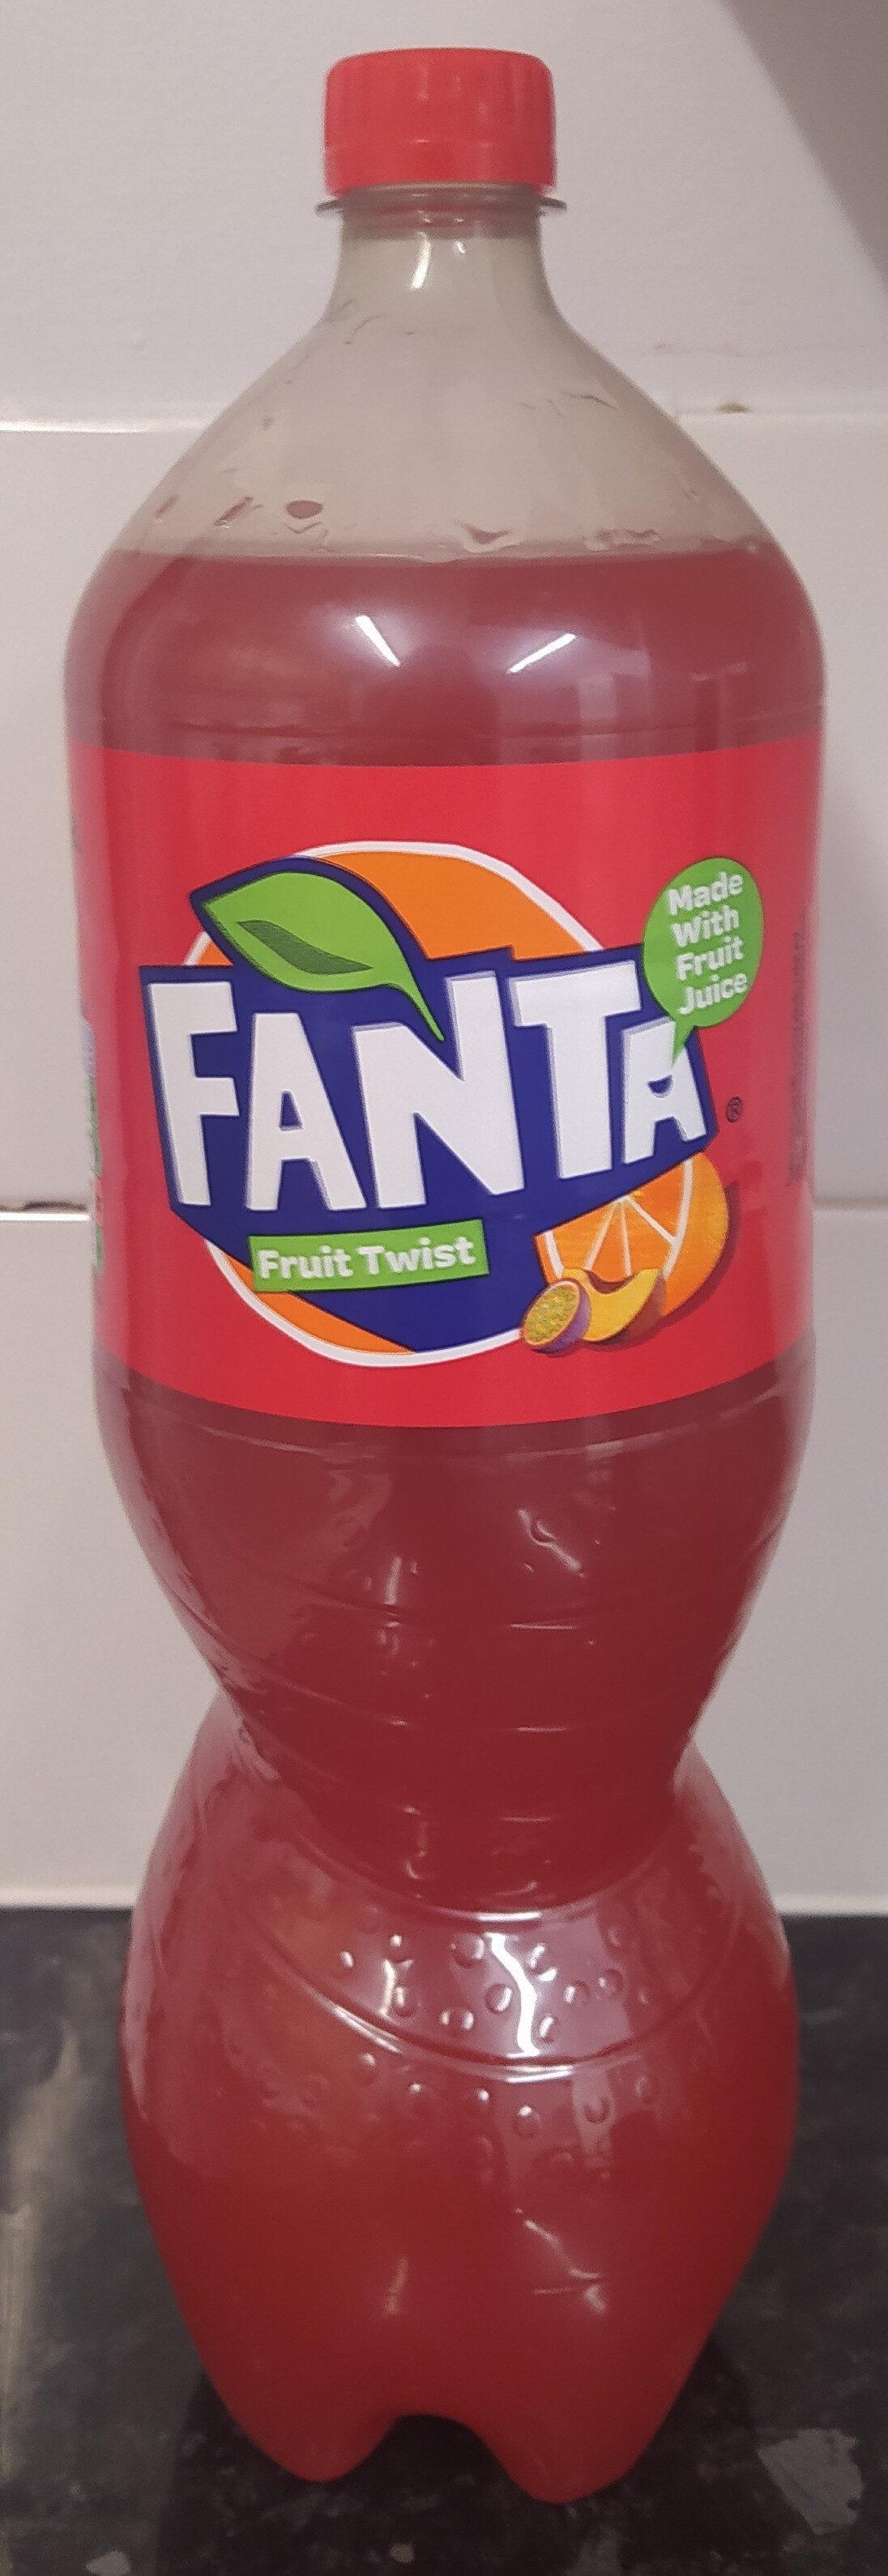 Fanta Fruit Twist - Produit - en